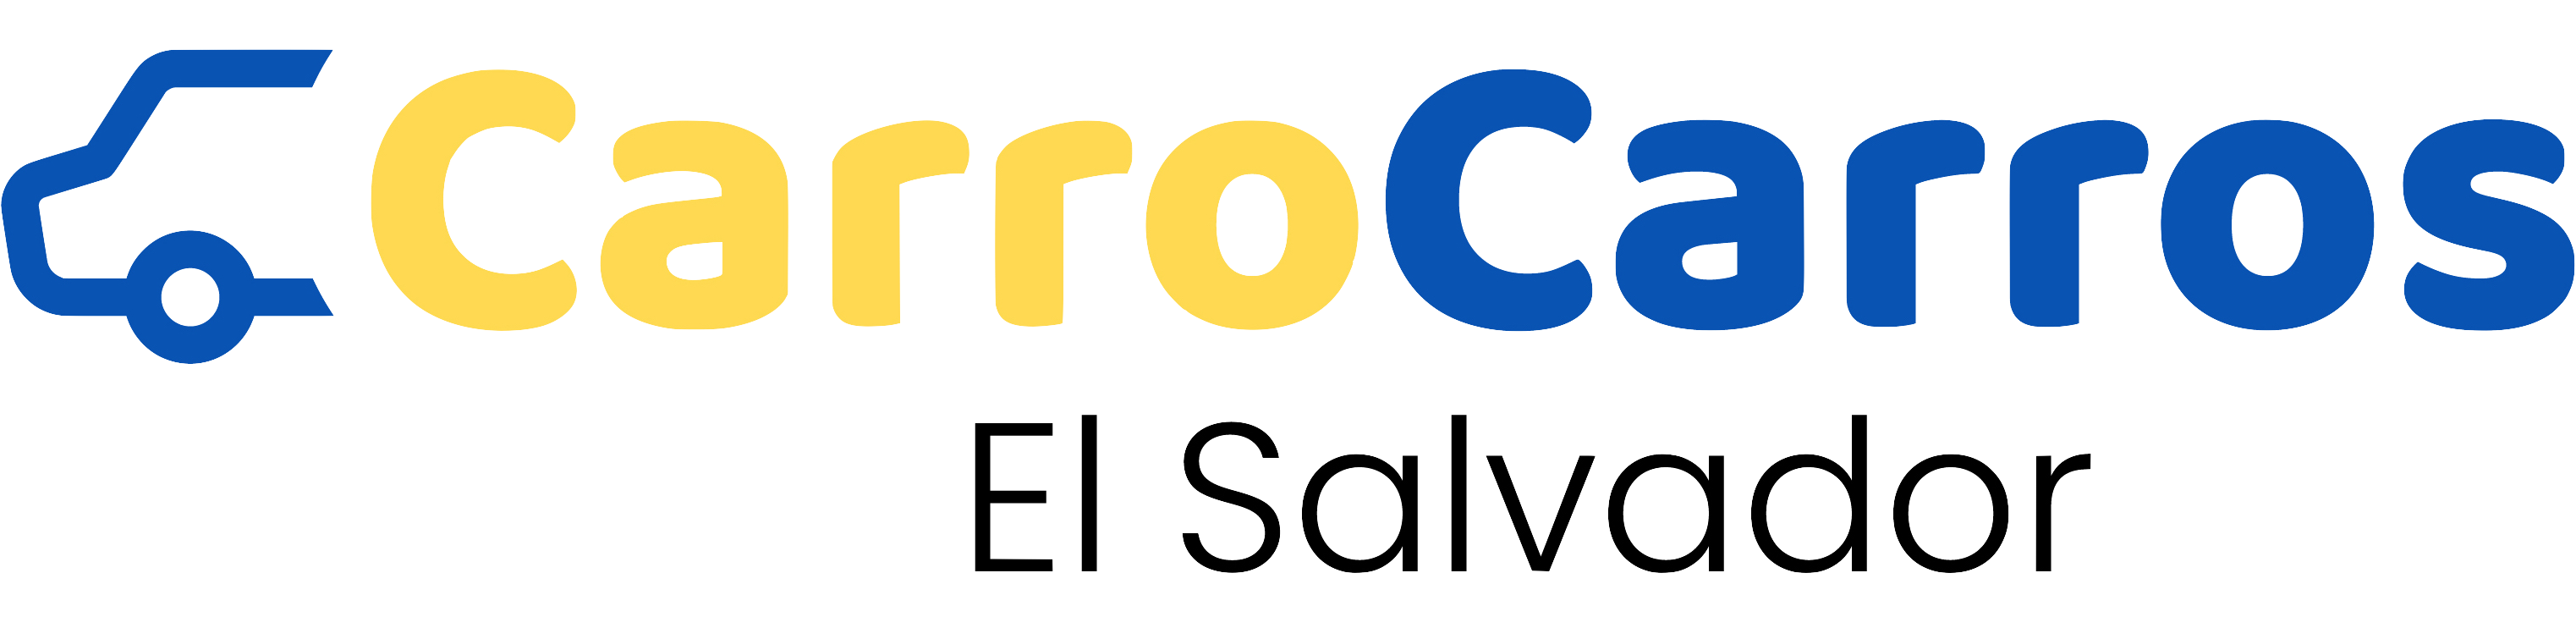 Elsalvador logo